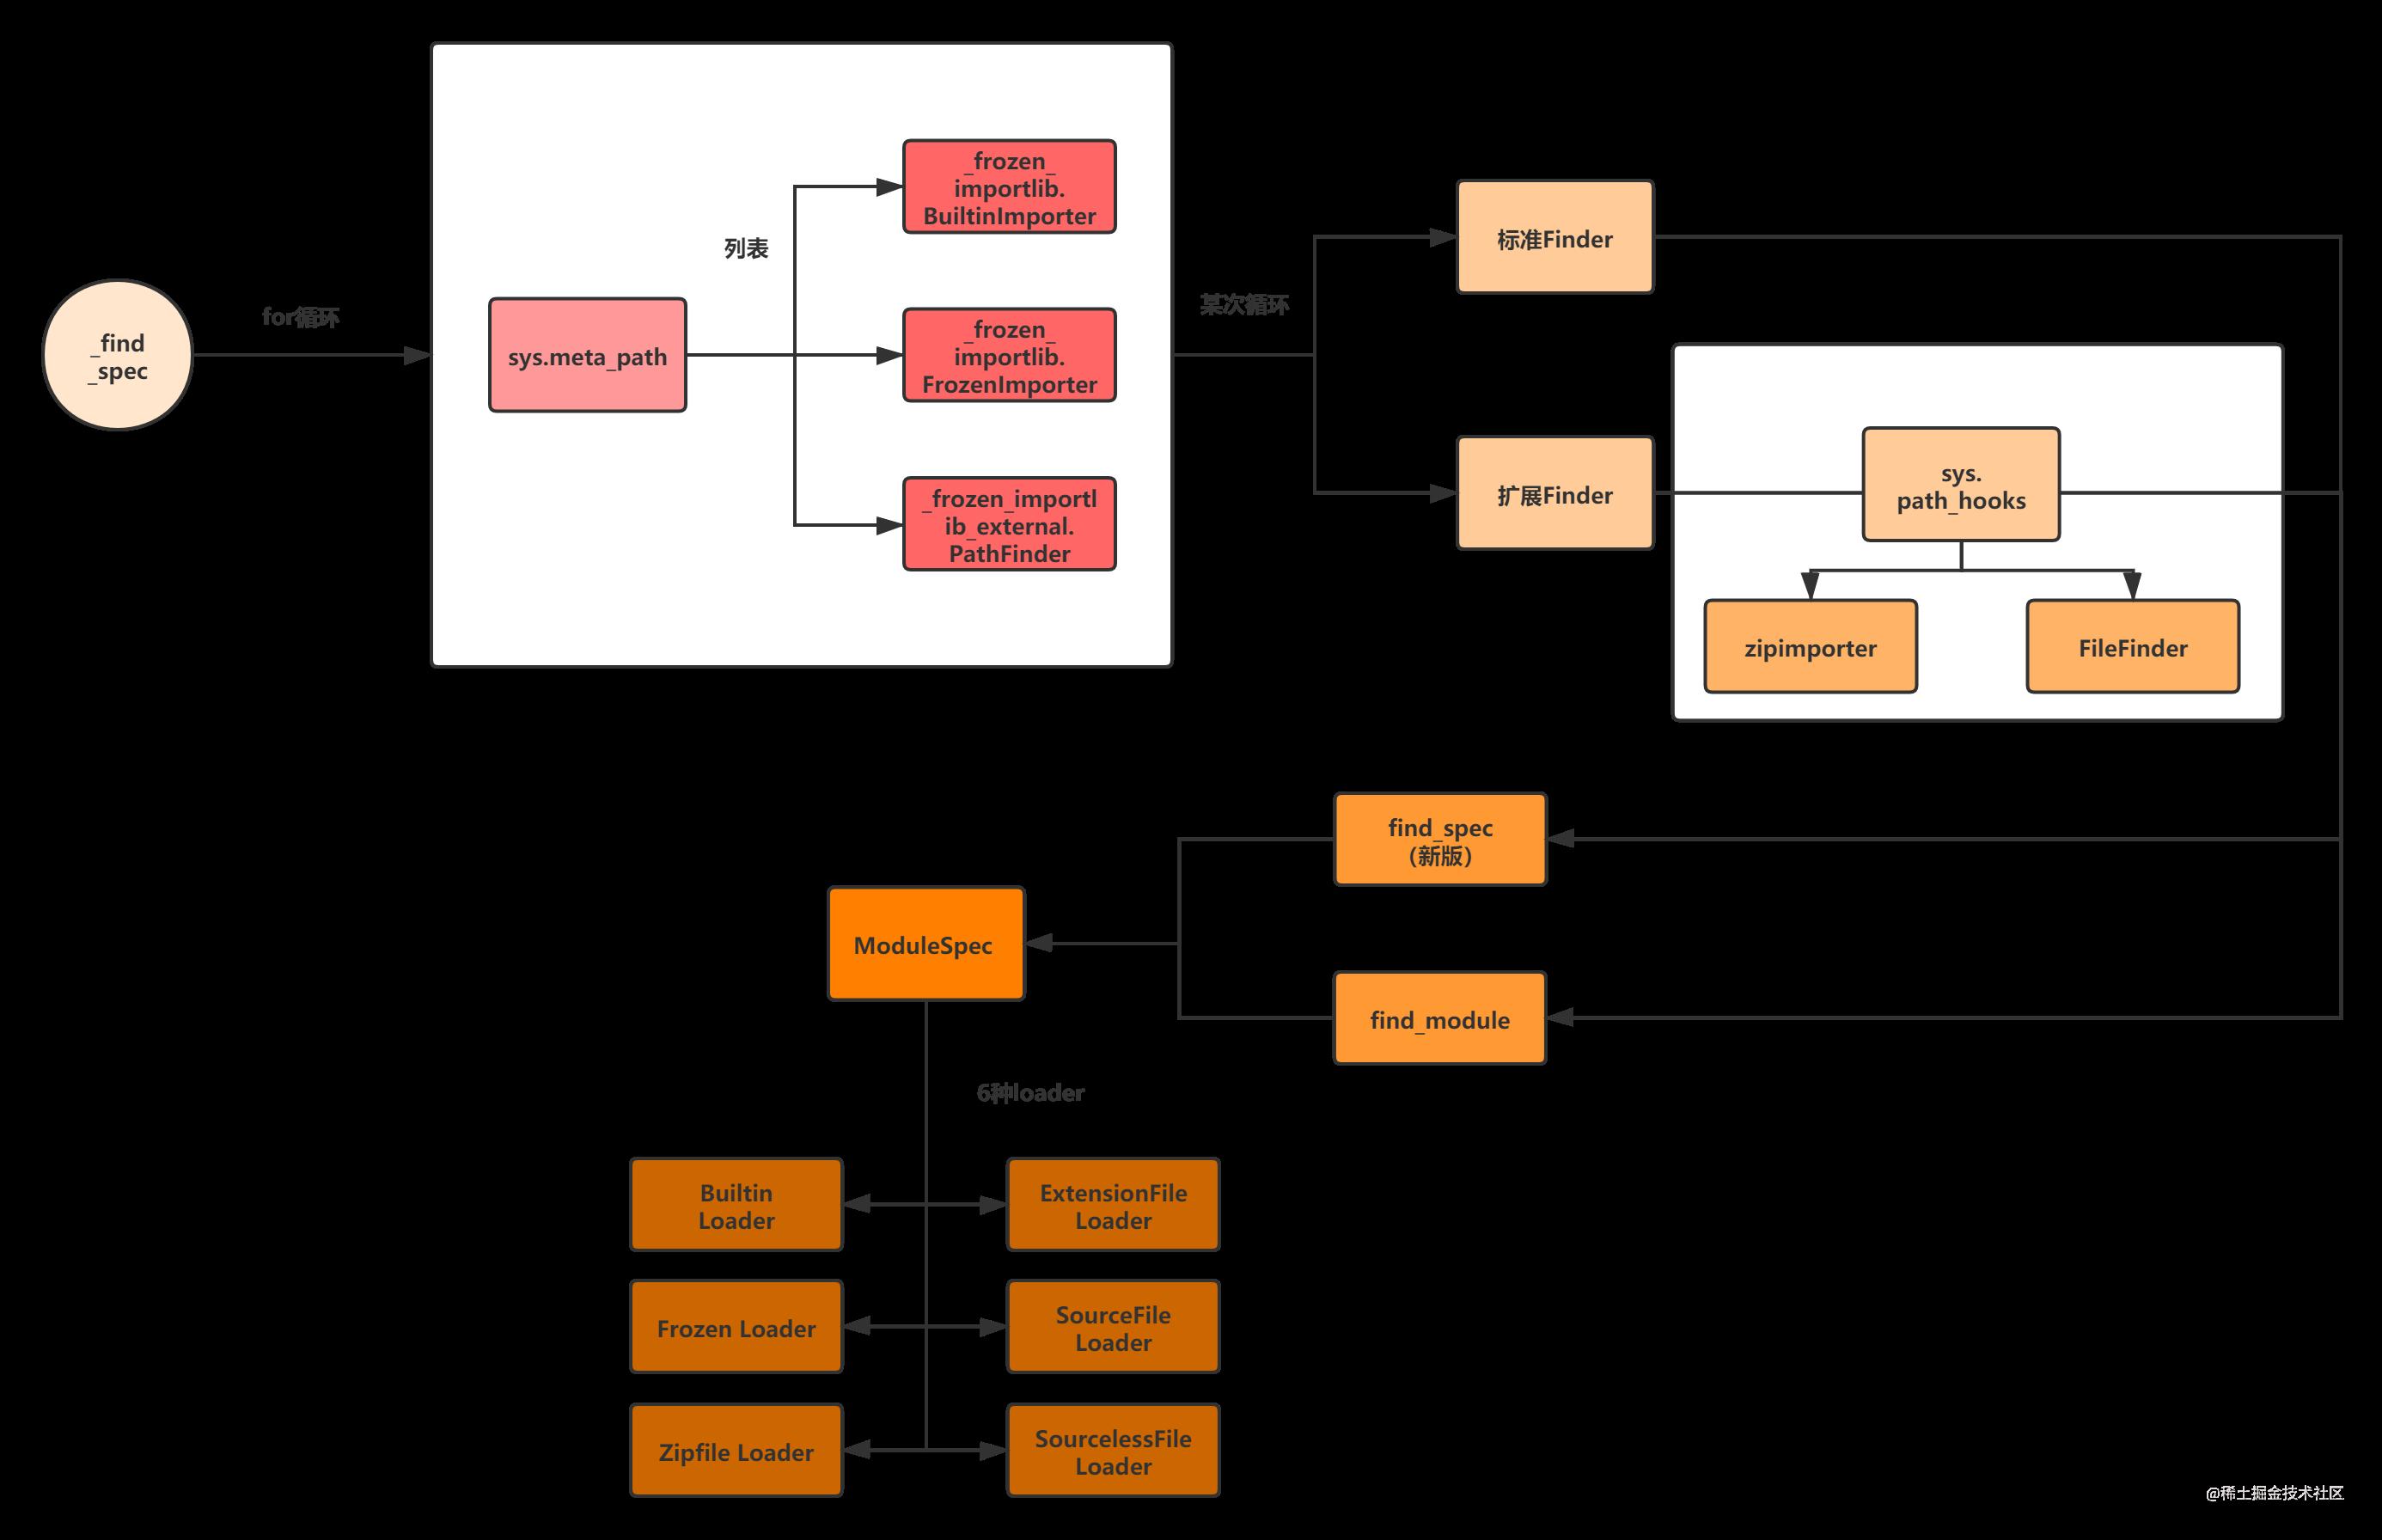 find_spec流程